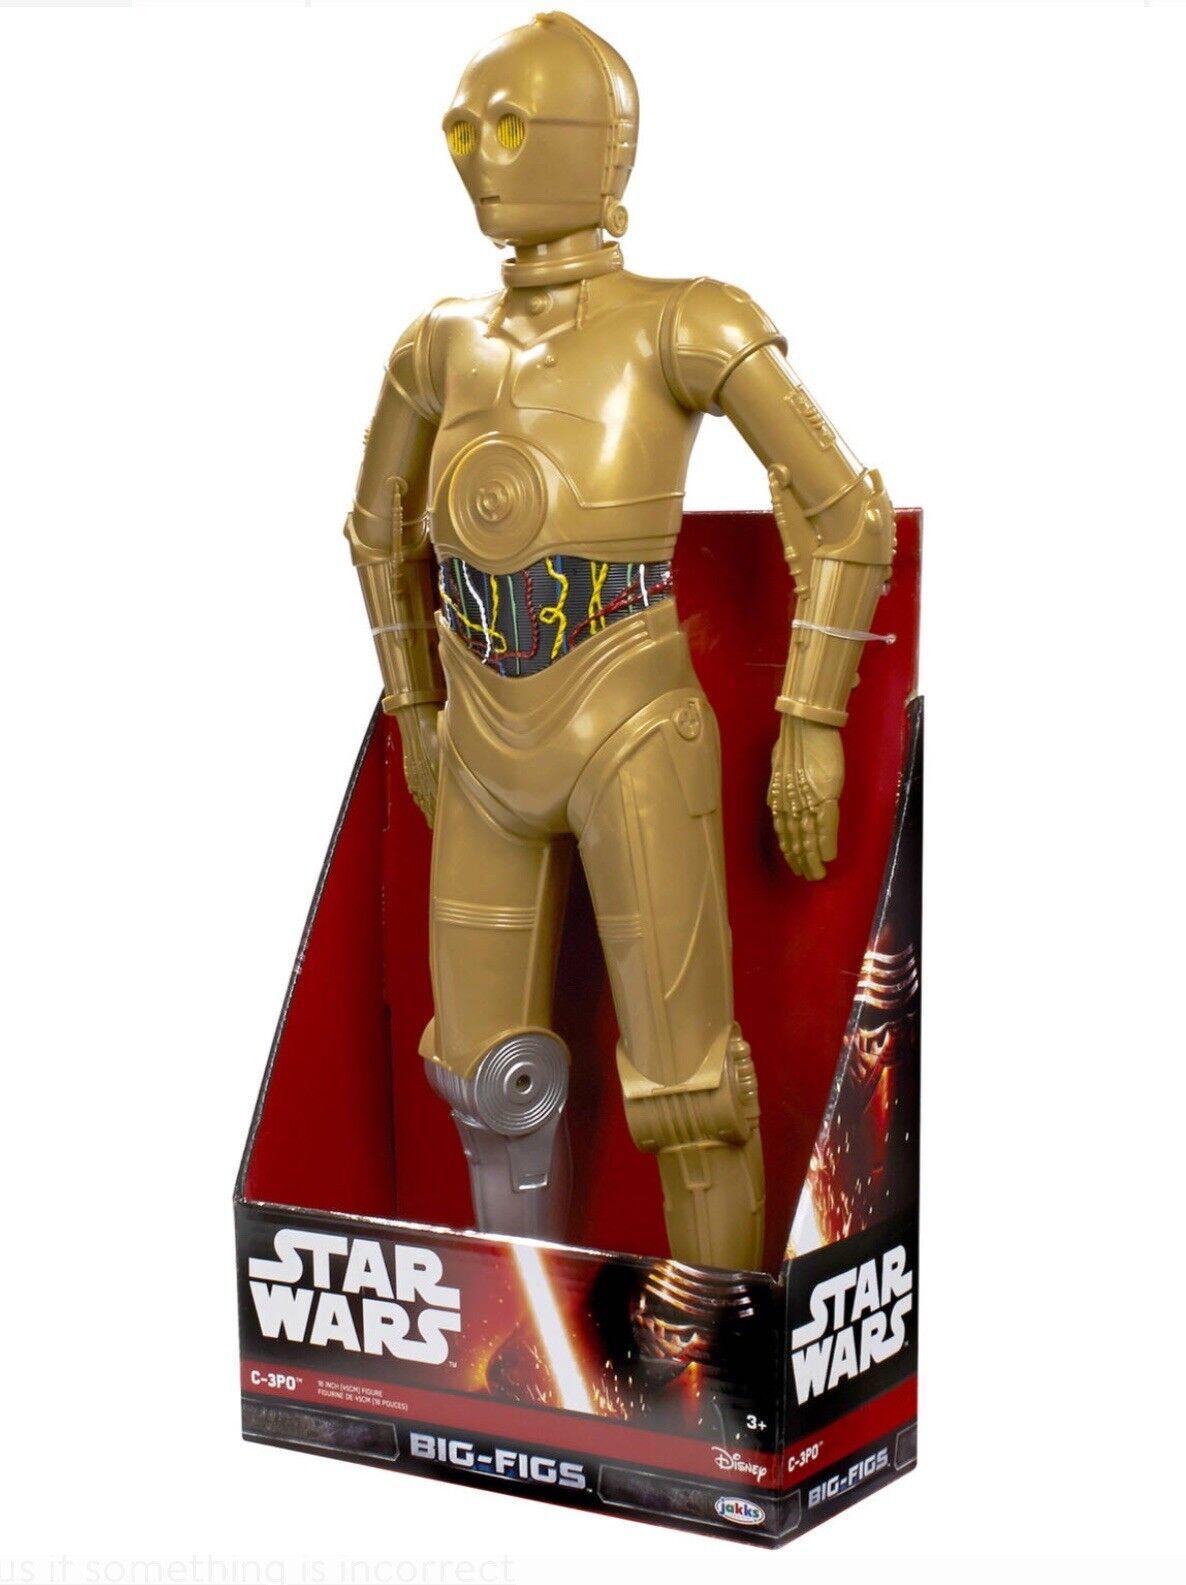 Ven a elegir tu propio estilo deportivo. Estrella Wars Jakks grandes higos-C-3PO clásico-plateado clásico-plateado clásico-plateado de la pierna Articulado 48cm De Alto  tiempo libre